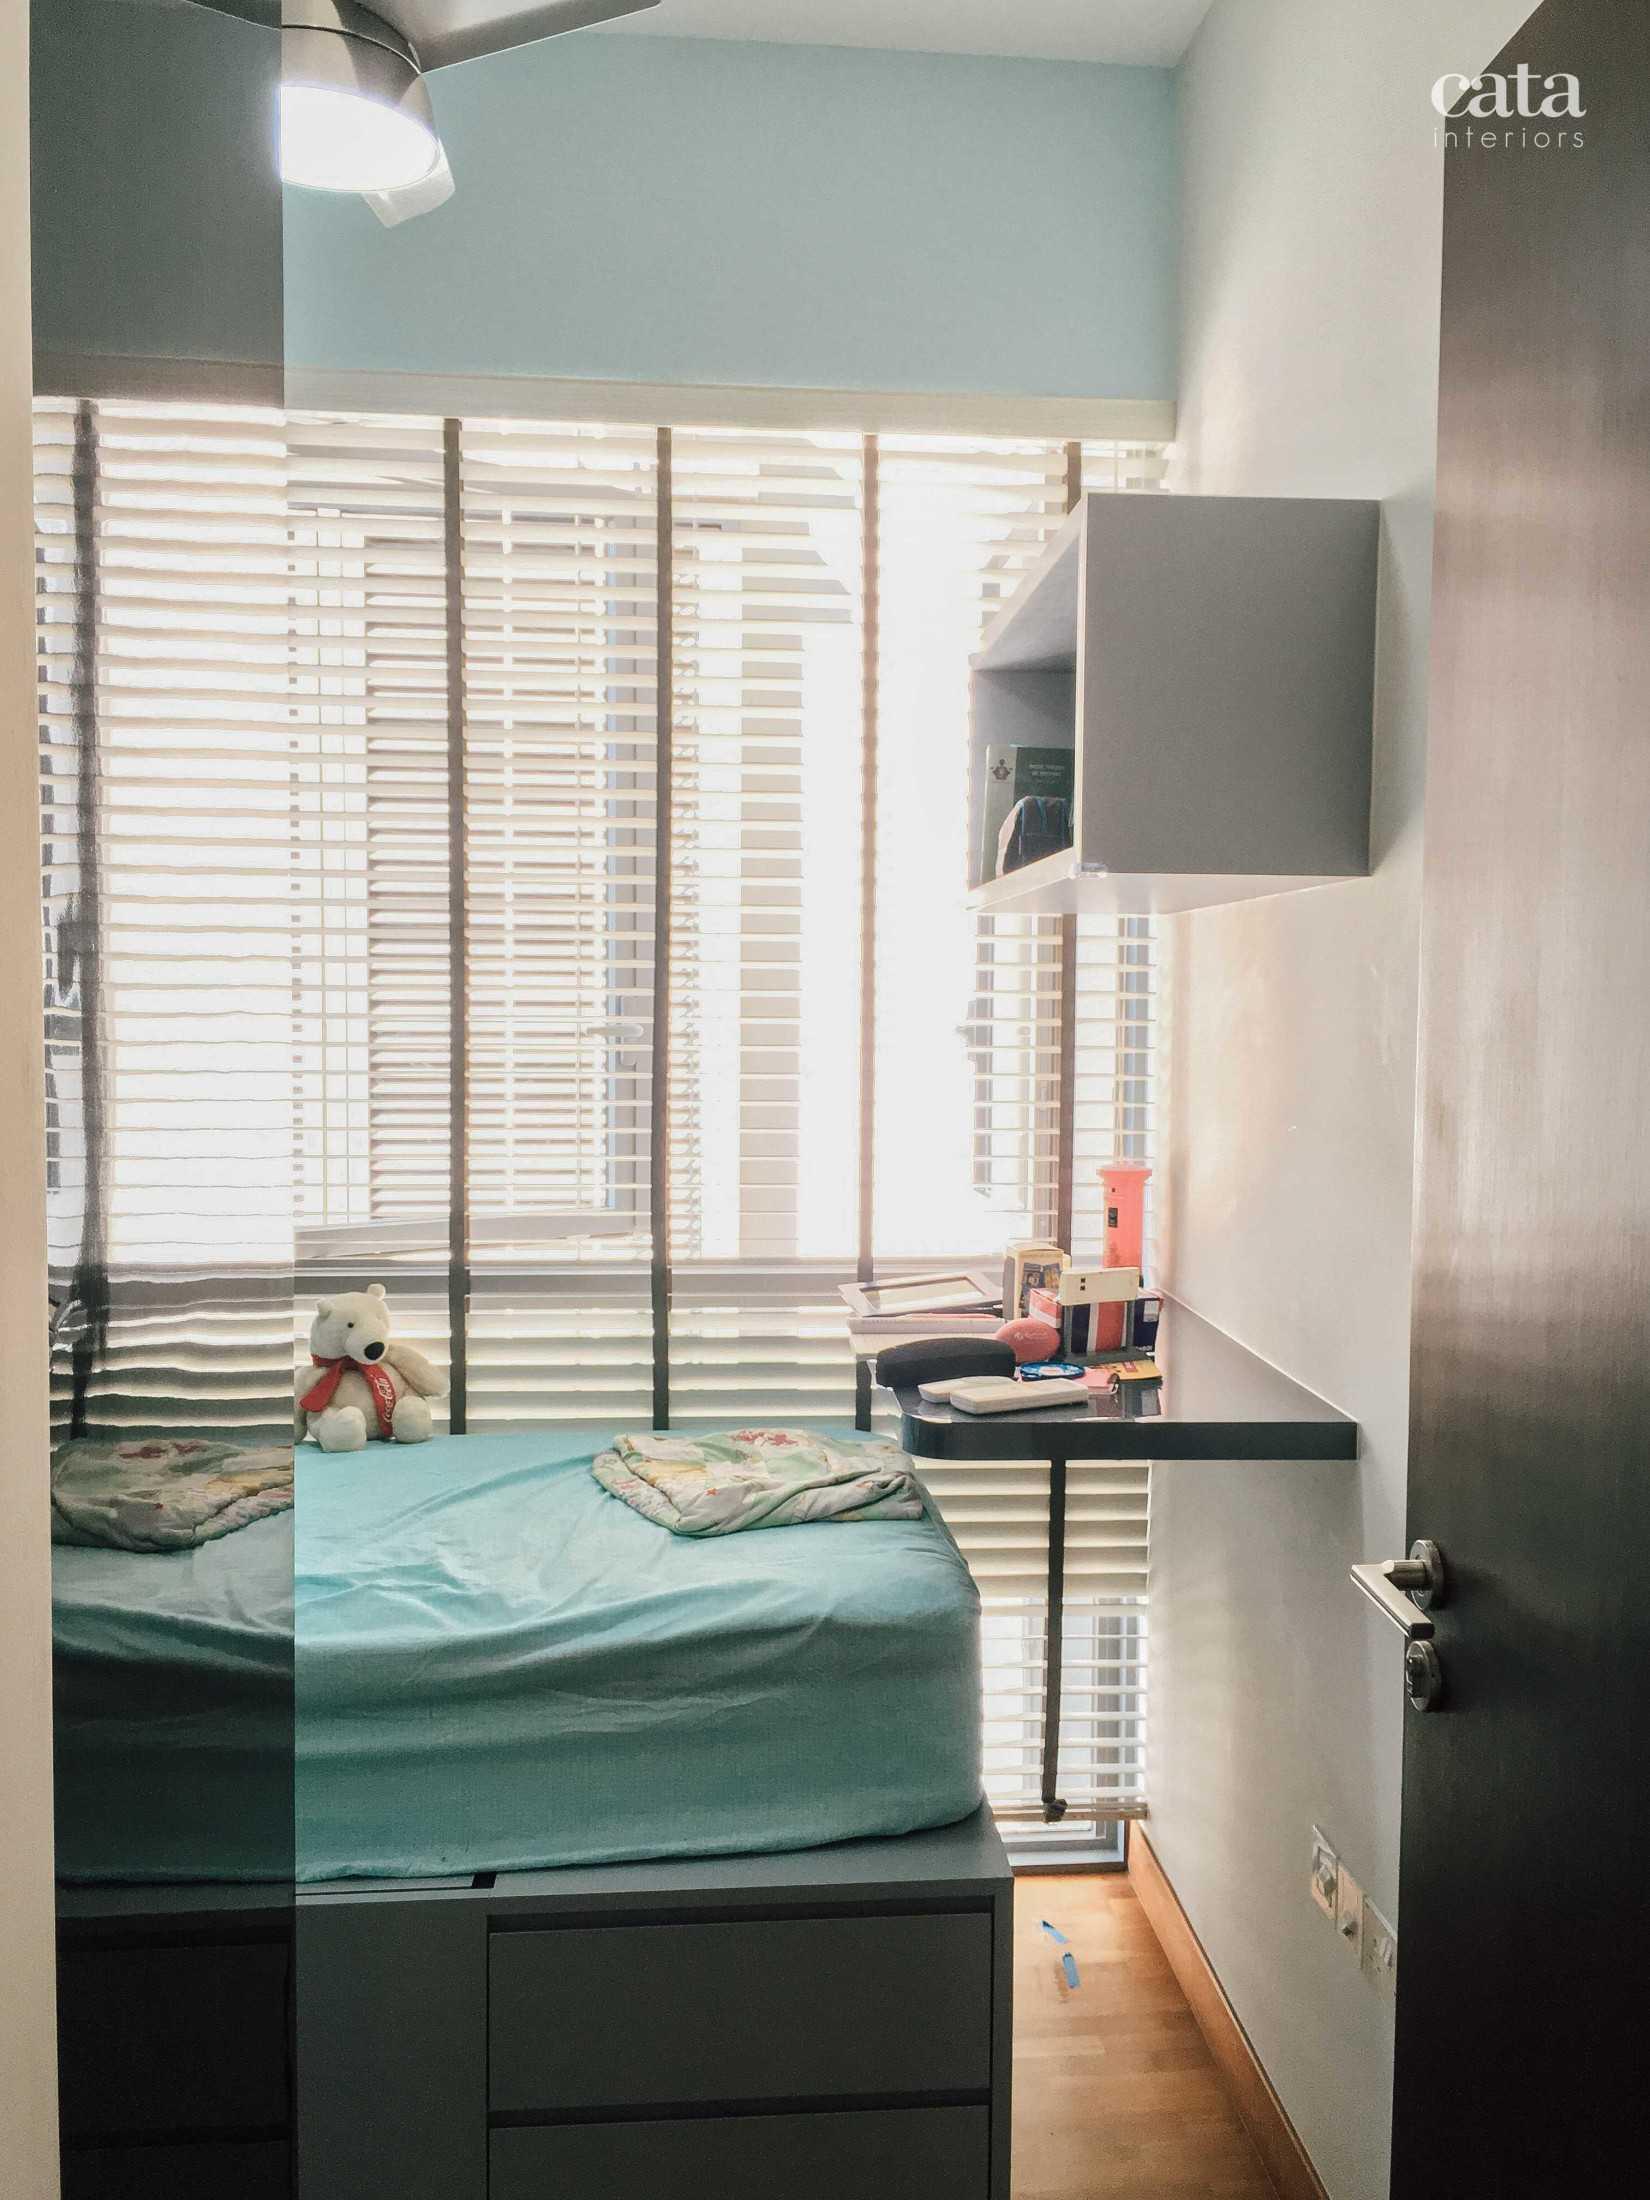 Cata Interiors Hillsta Condominium, Singapore Phoenix Rd, Singapura Phoenix Rd, Singapura Cata-Interiors-Hillsta-Condominium-Singapore  100316